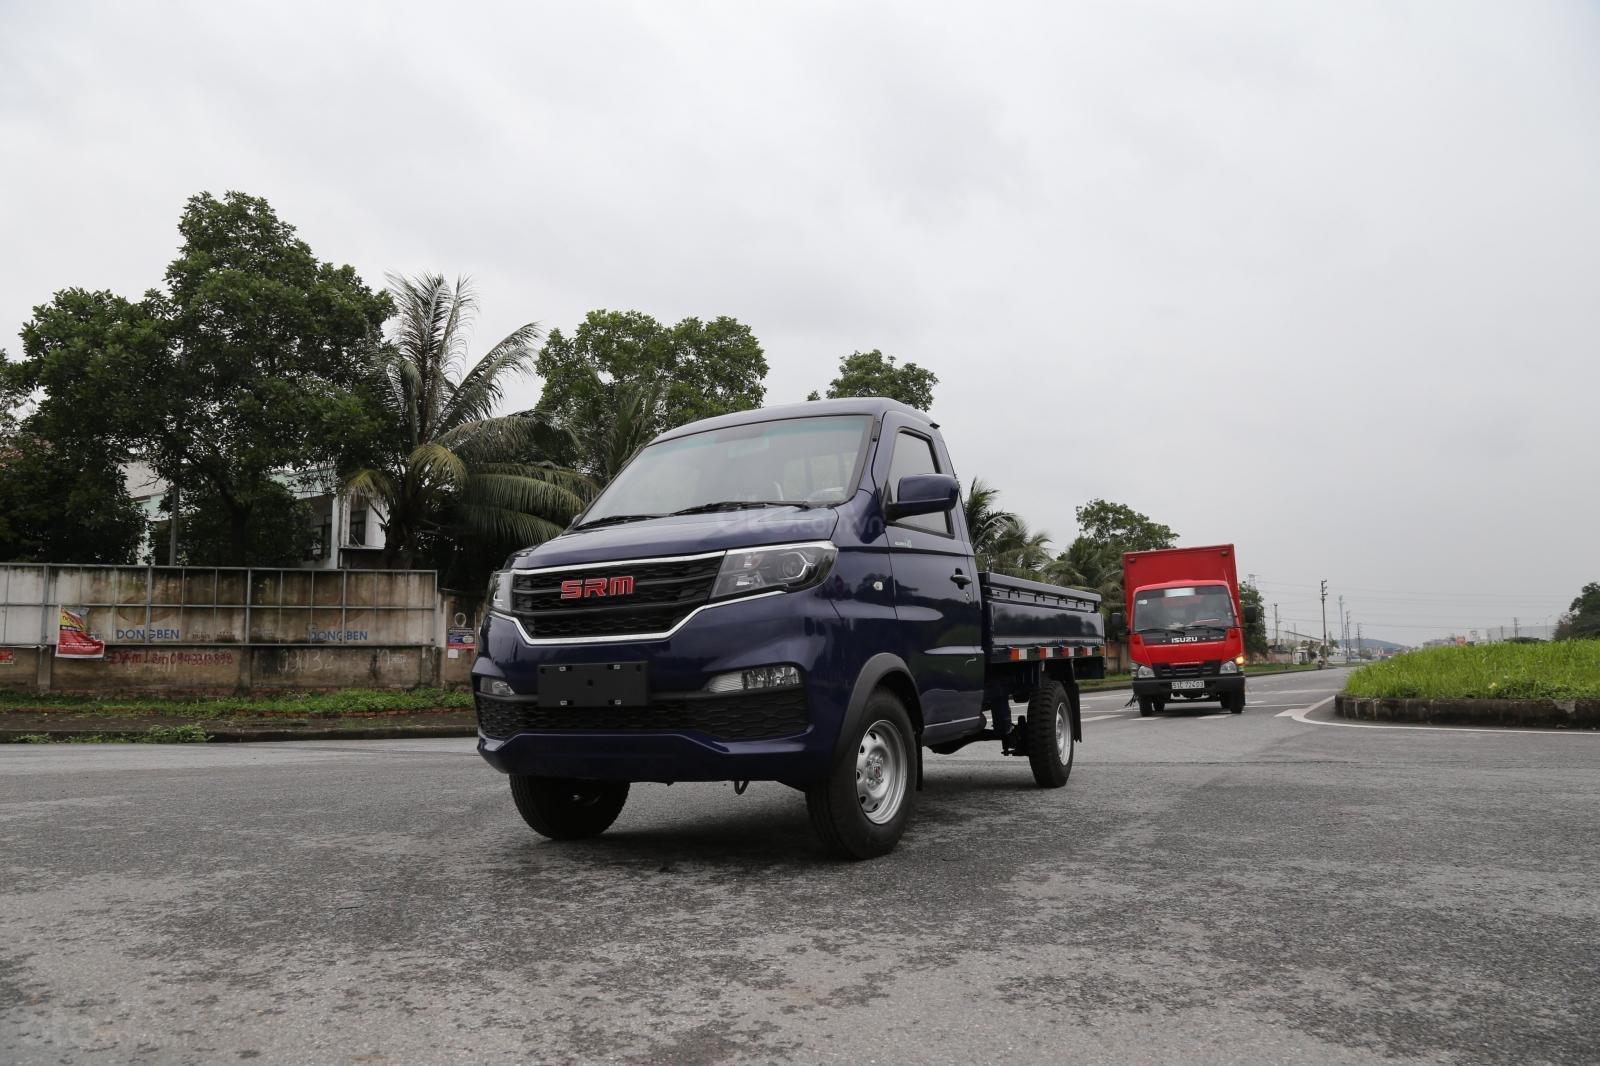 Bán xe tải nhỏ dưới 1 tấn SRM 930kg đời 2020 bản cao cấp 80tr nhận xe - Tặng 100% trước bạ - Tặng camera lùi (5)